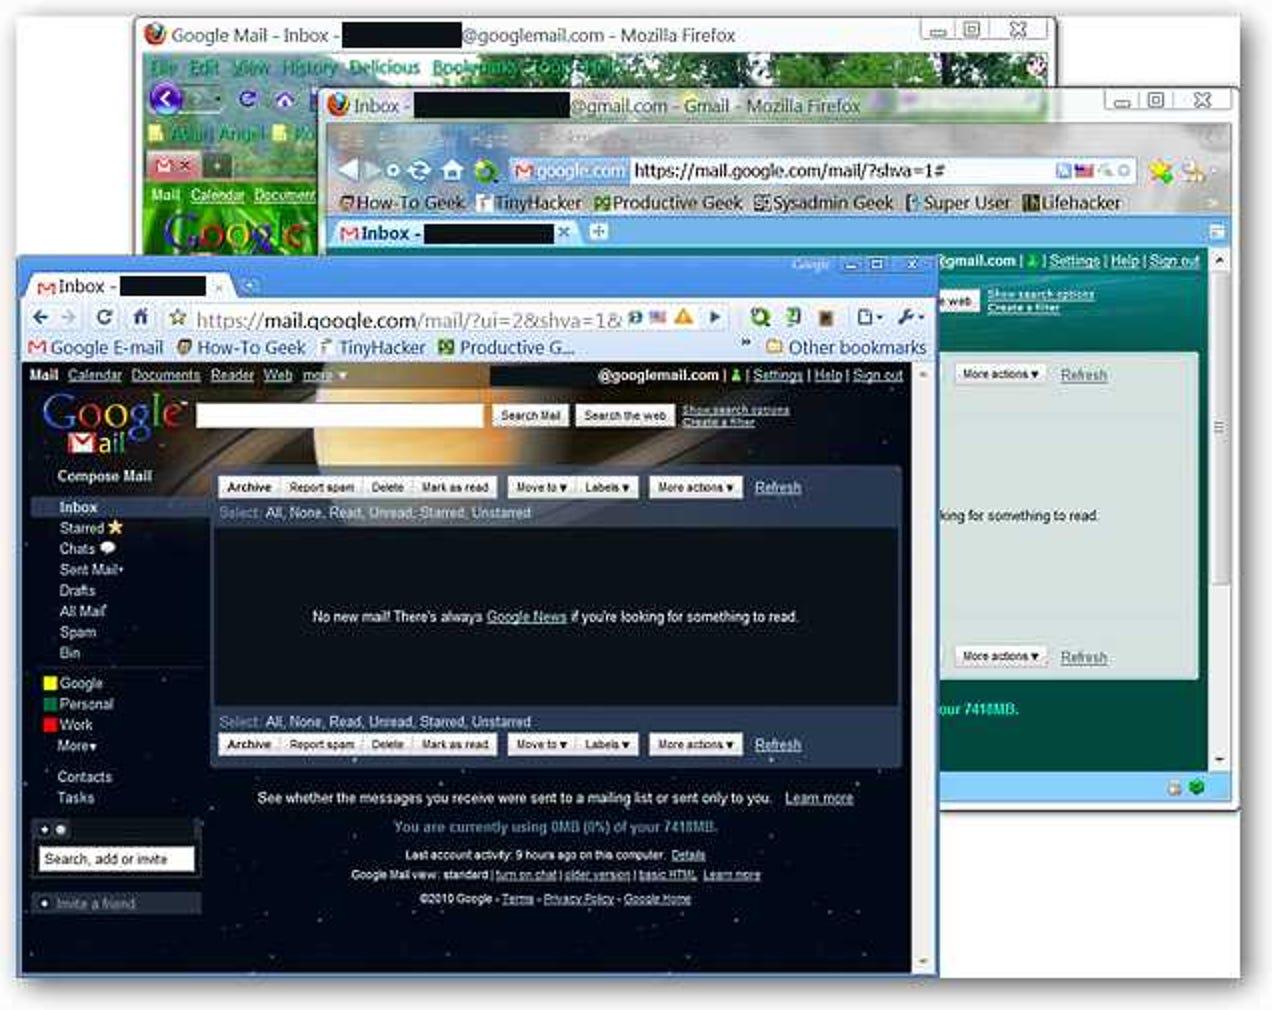 Melden Sie sich in Firefox bei mehreren Same-Service-Konten an